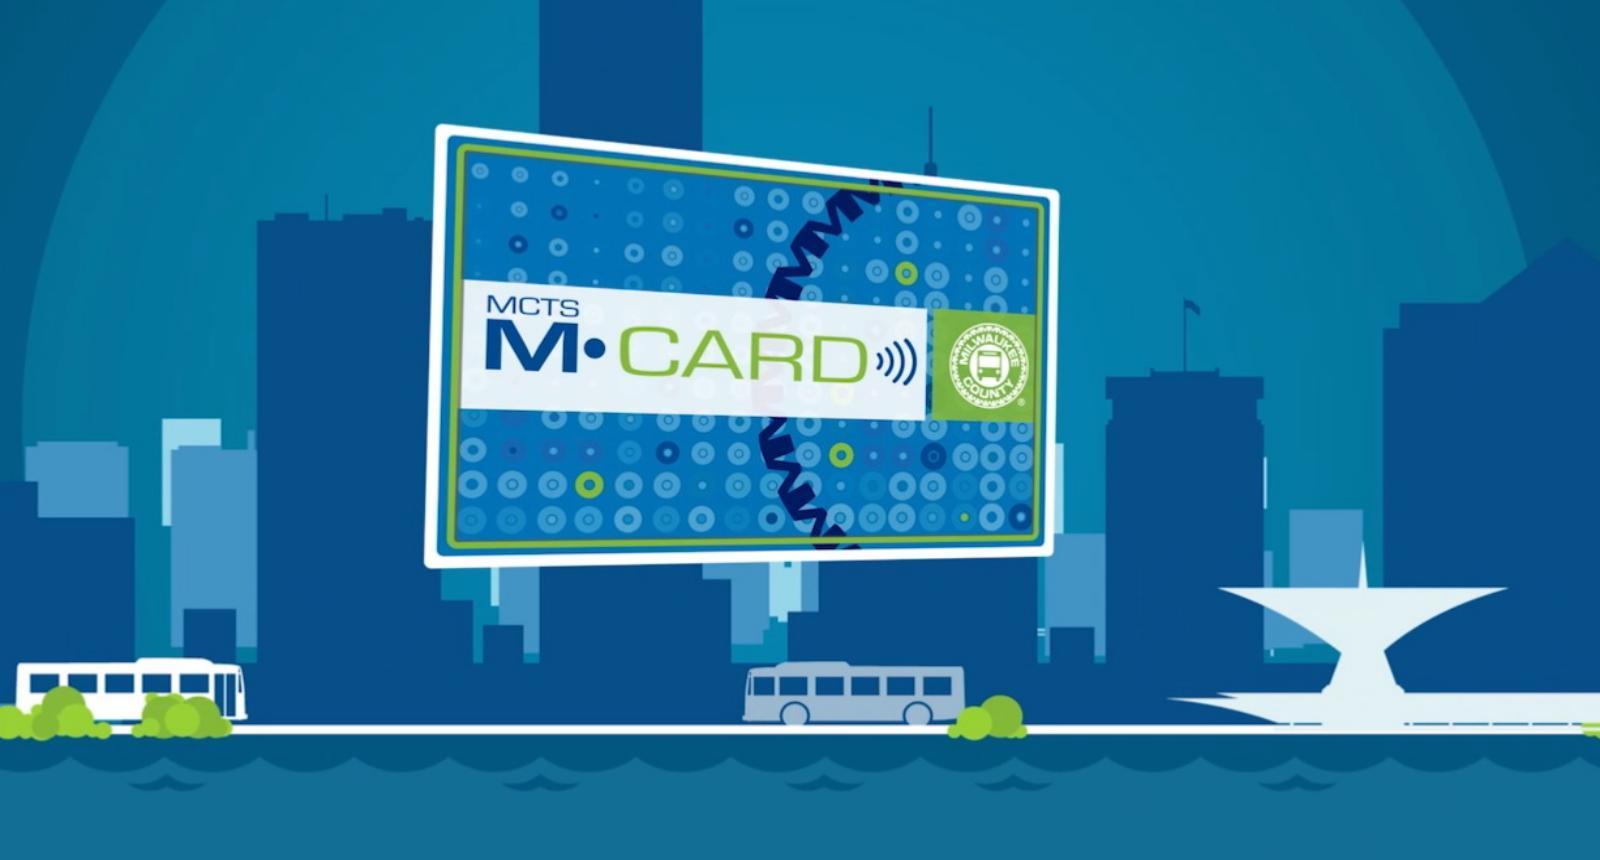 M•CARD